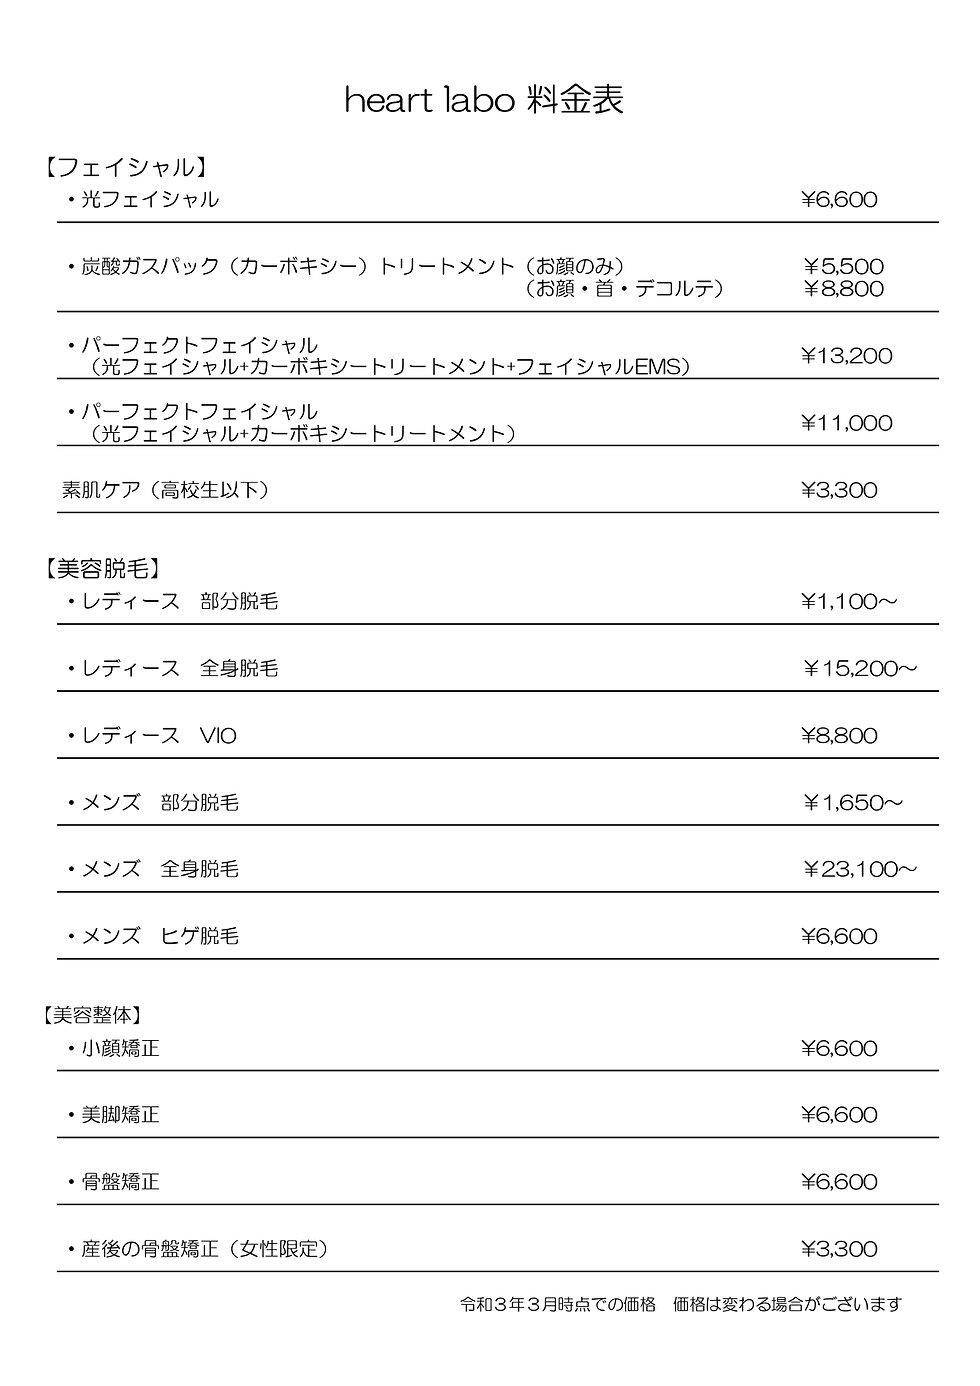 ハートラボ料金表_page-0001.jpg